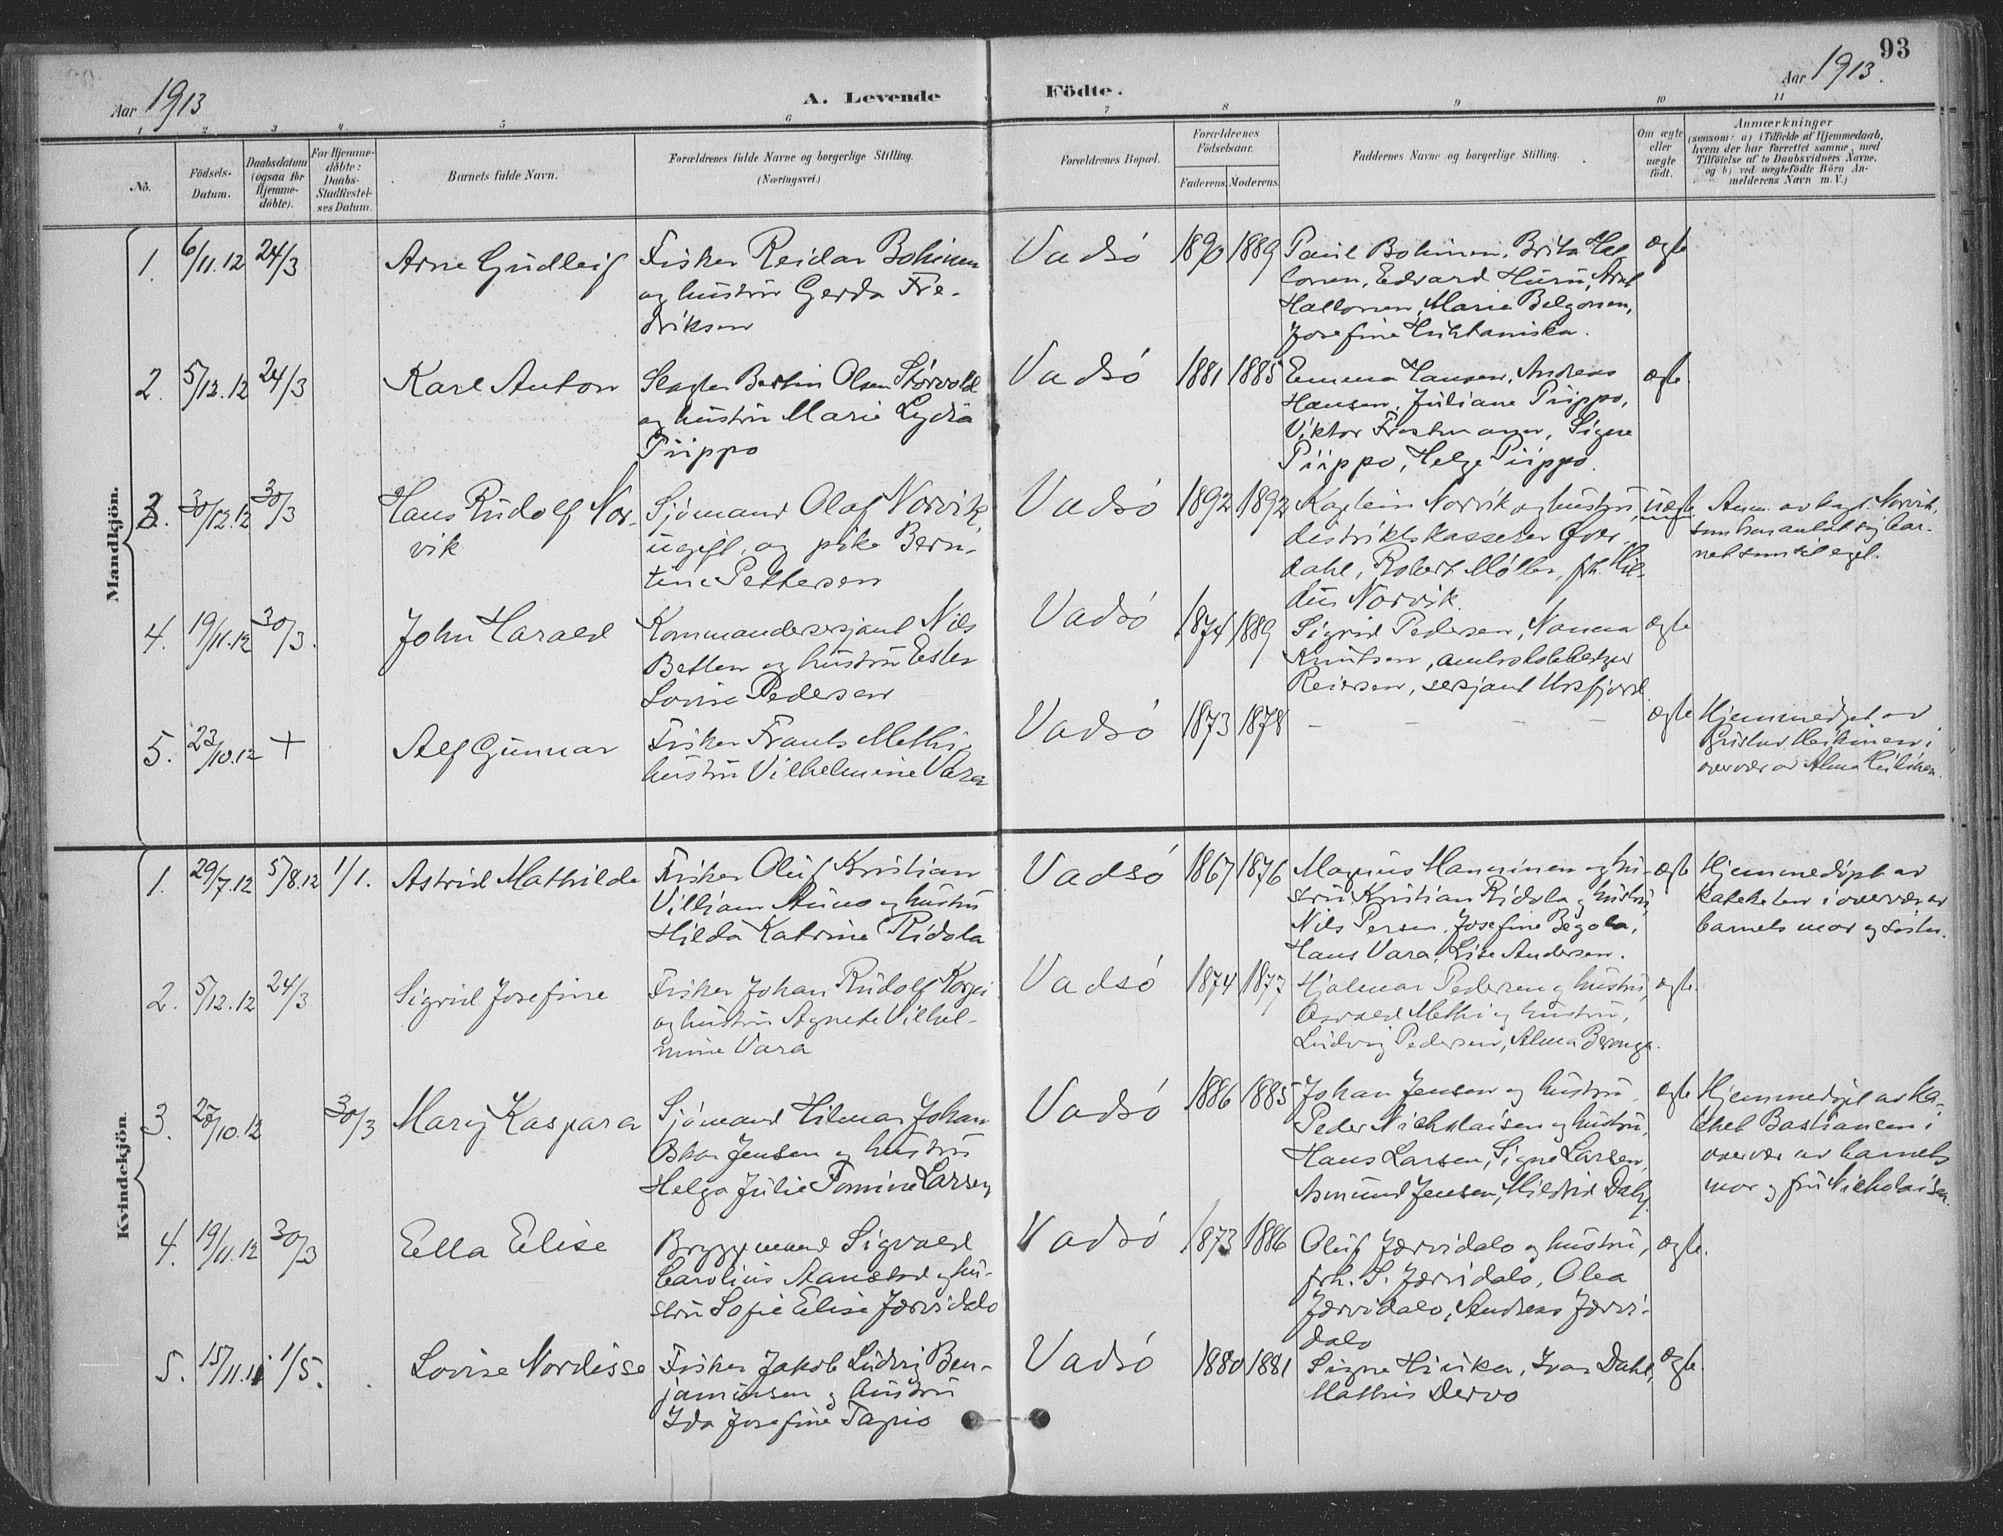 SATØ, Vadsø sokneprestkontor, H/Ha/L0007kirke: Ministerialbok nr. 7, 1896-1916, s. 93